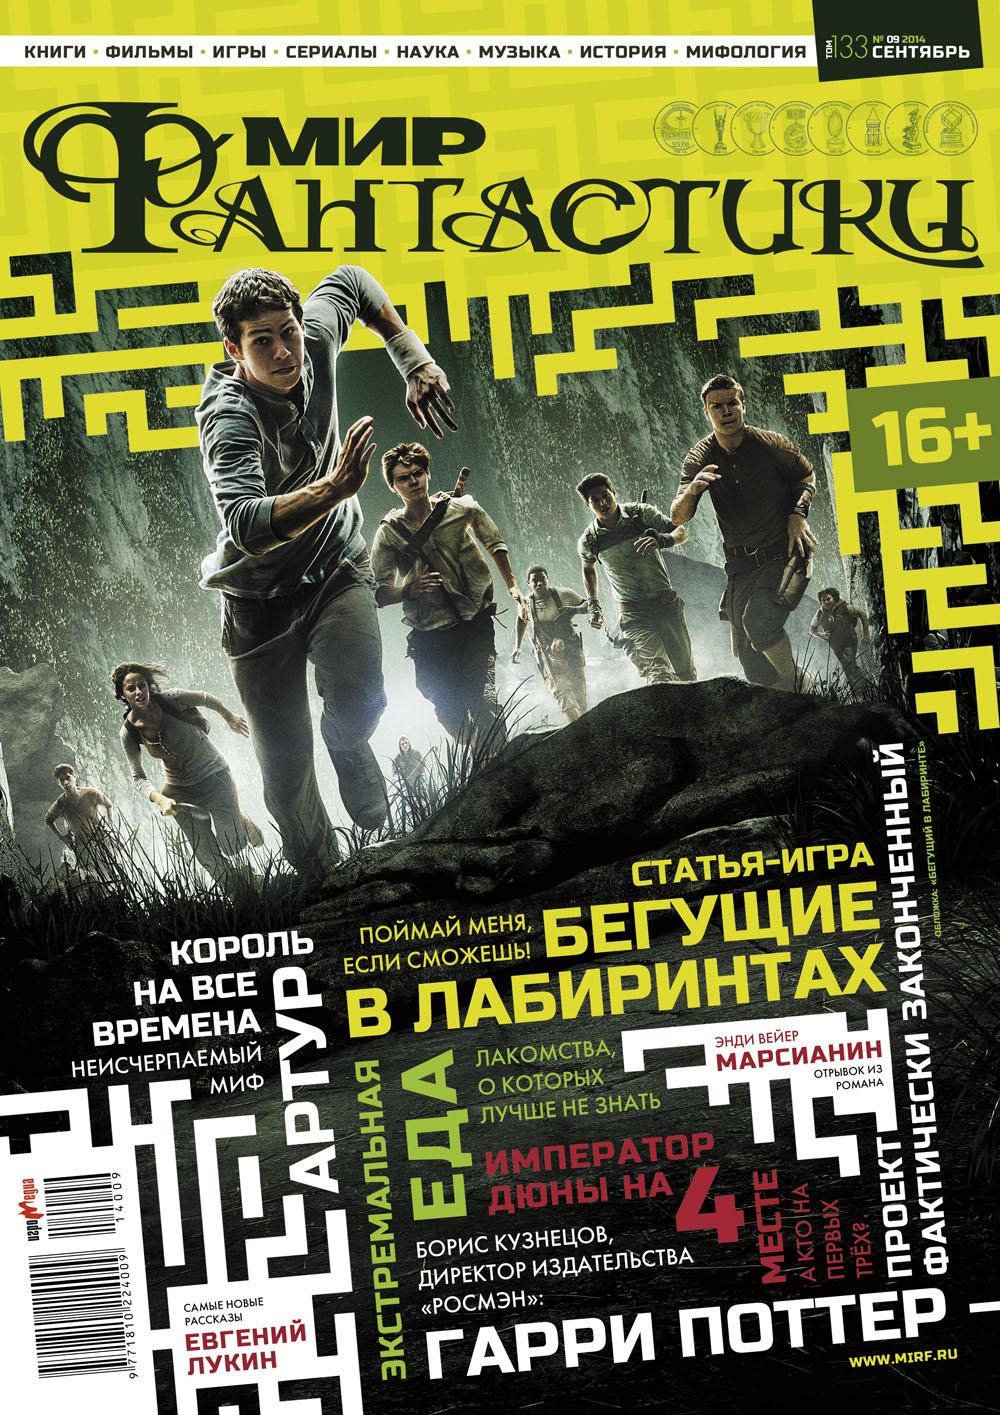 Архив номеров журнала «Мир фантастики» 149